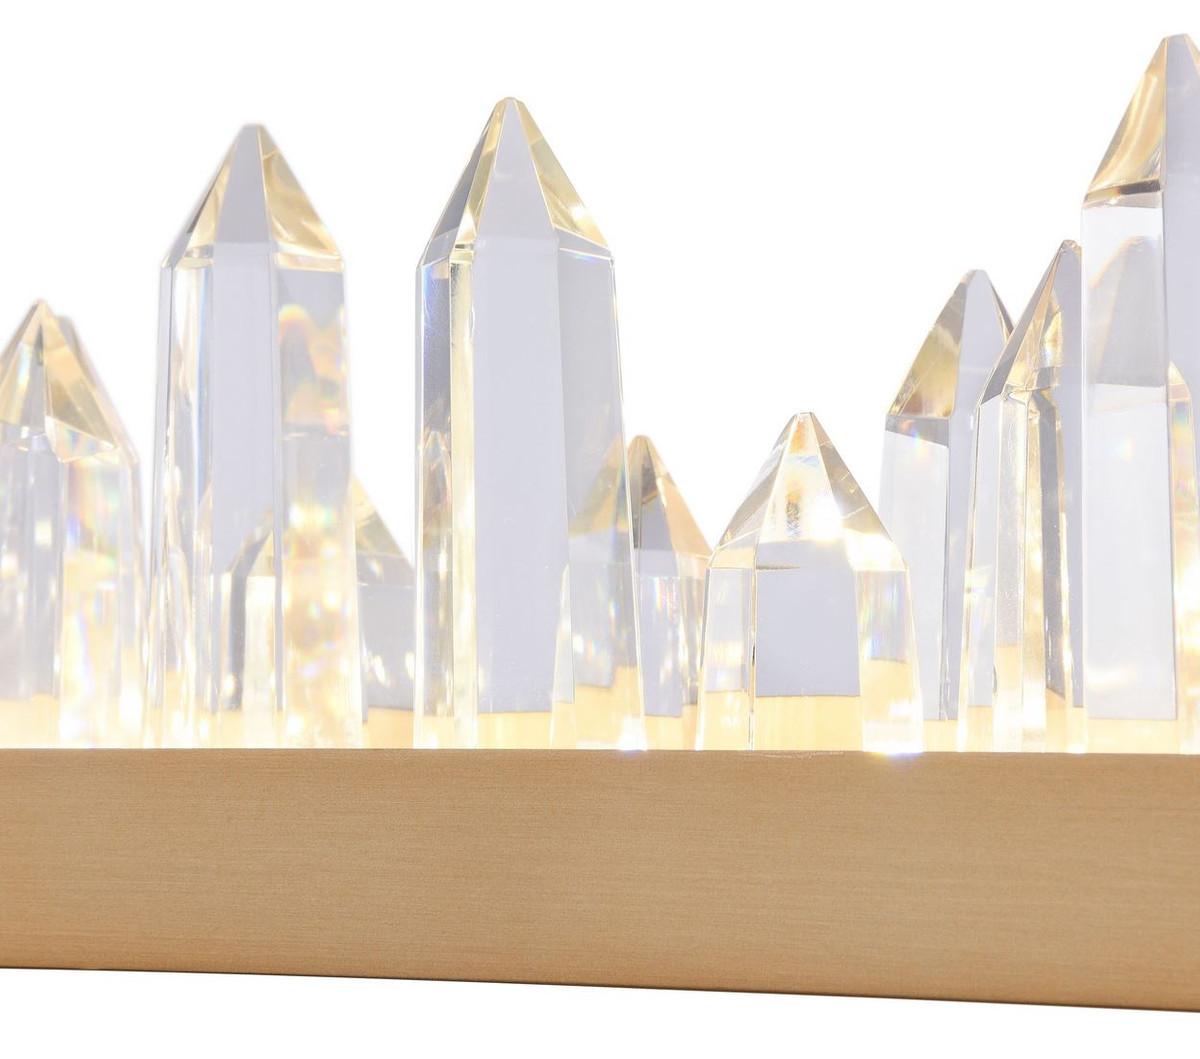 Casa Padrino LED Hängeleuchte mit messingfarbenem Metallrahmen und Kristallglaszacken 115 x 9 x H. 10,4 cm - Wohnzimmermöbel 5